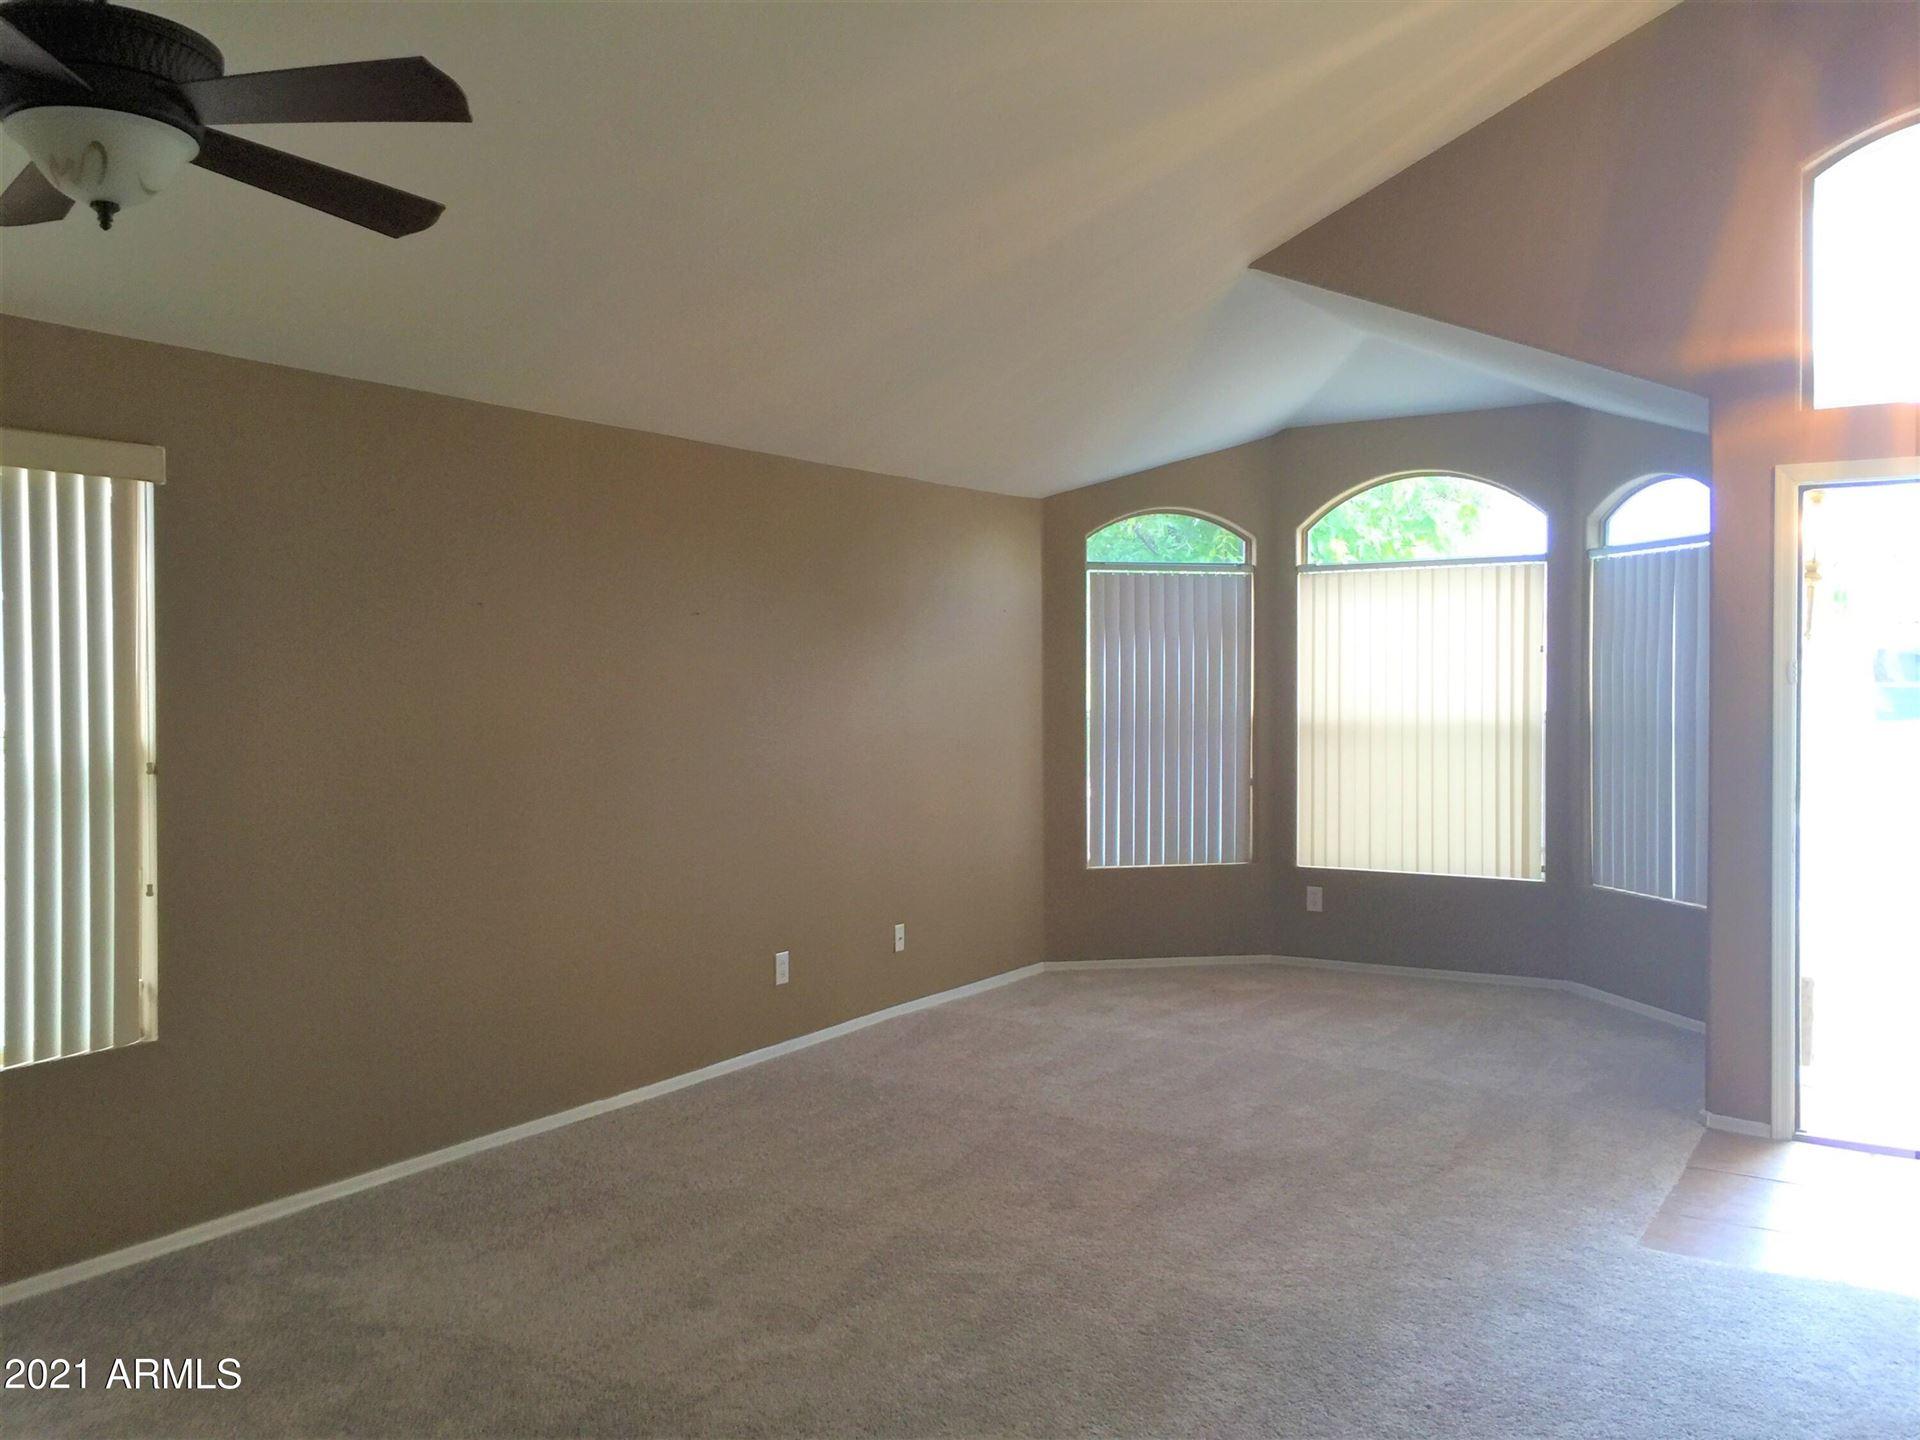 Photo of 758 E DEVON Drive, Gilbert, AZ 85296 (MLS # 6295788)